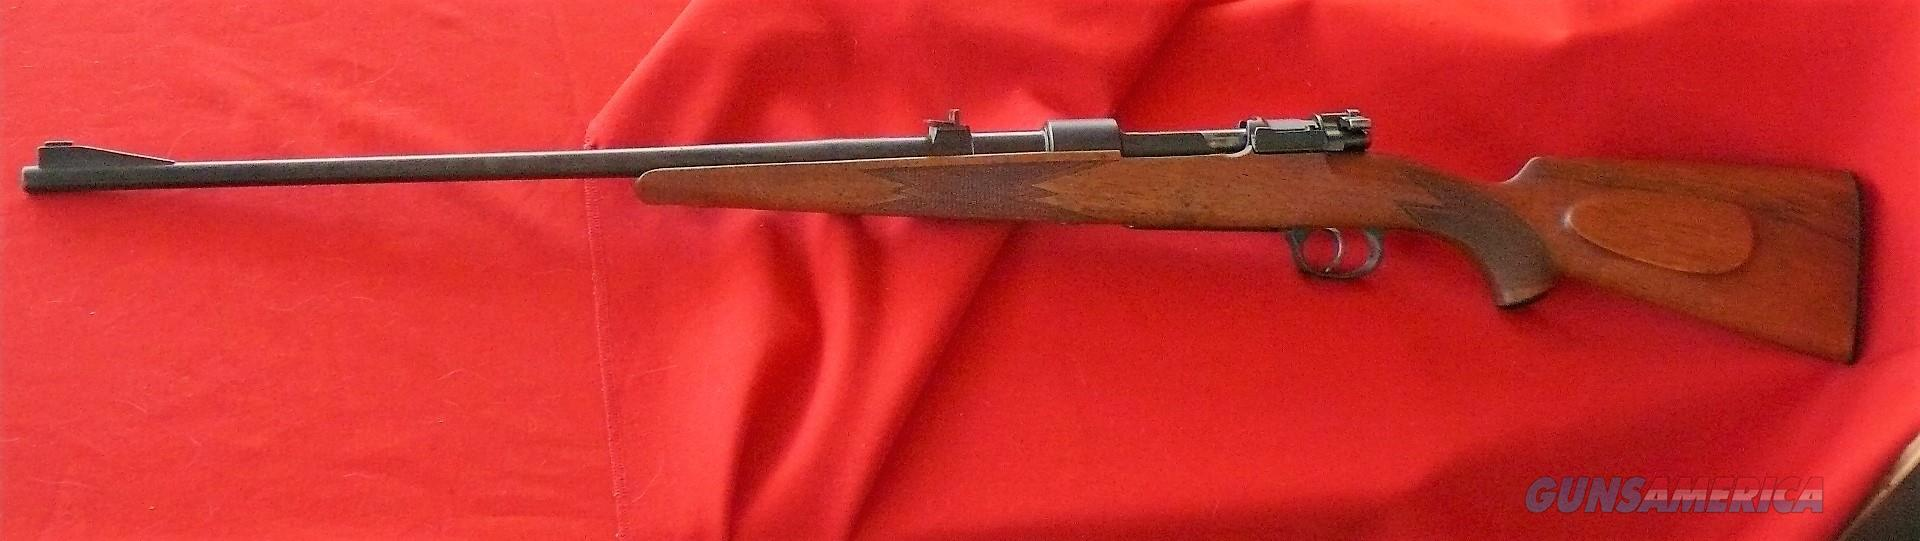 Mauser 98 Sporter Type C Featherweight 8mm FWT Safari  Guns > Rifles > Mauser Rifles > German